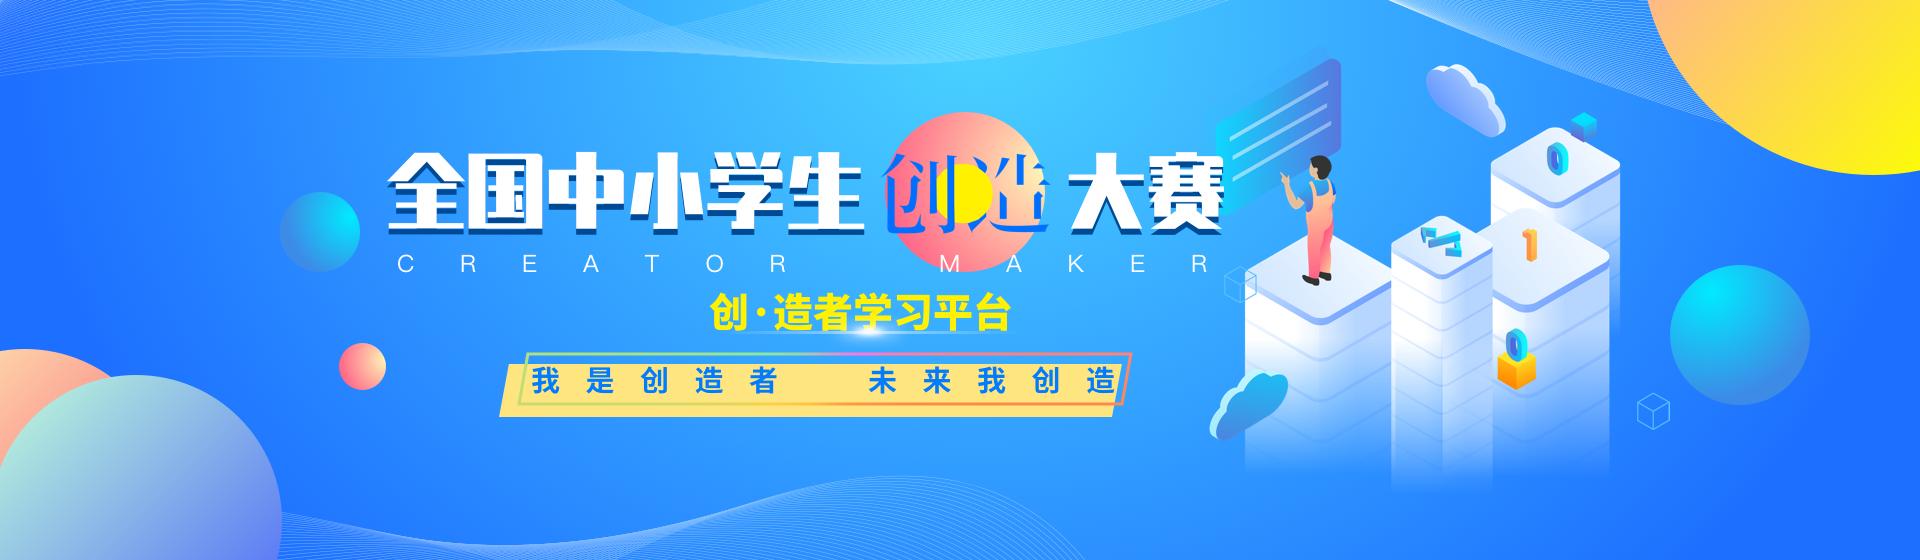 科技日报社 中国发明协会 关于举办第四届全国中小学生创·造大赛的通知